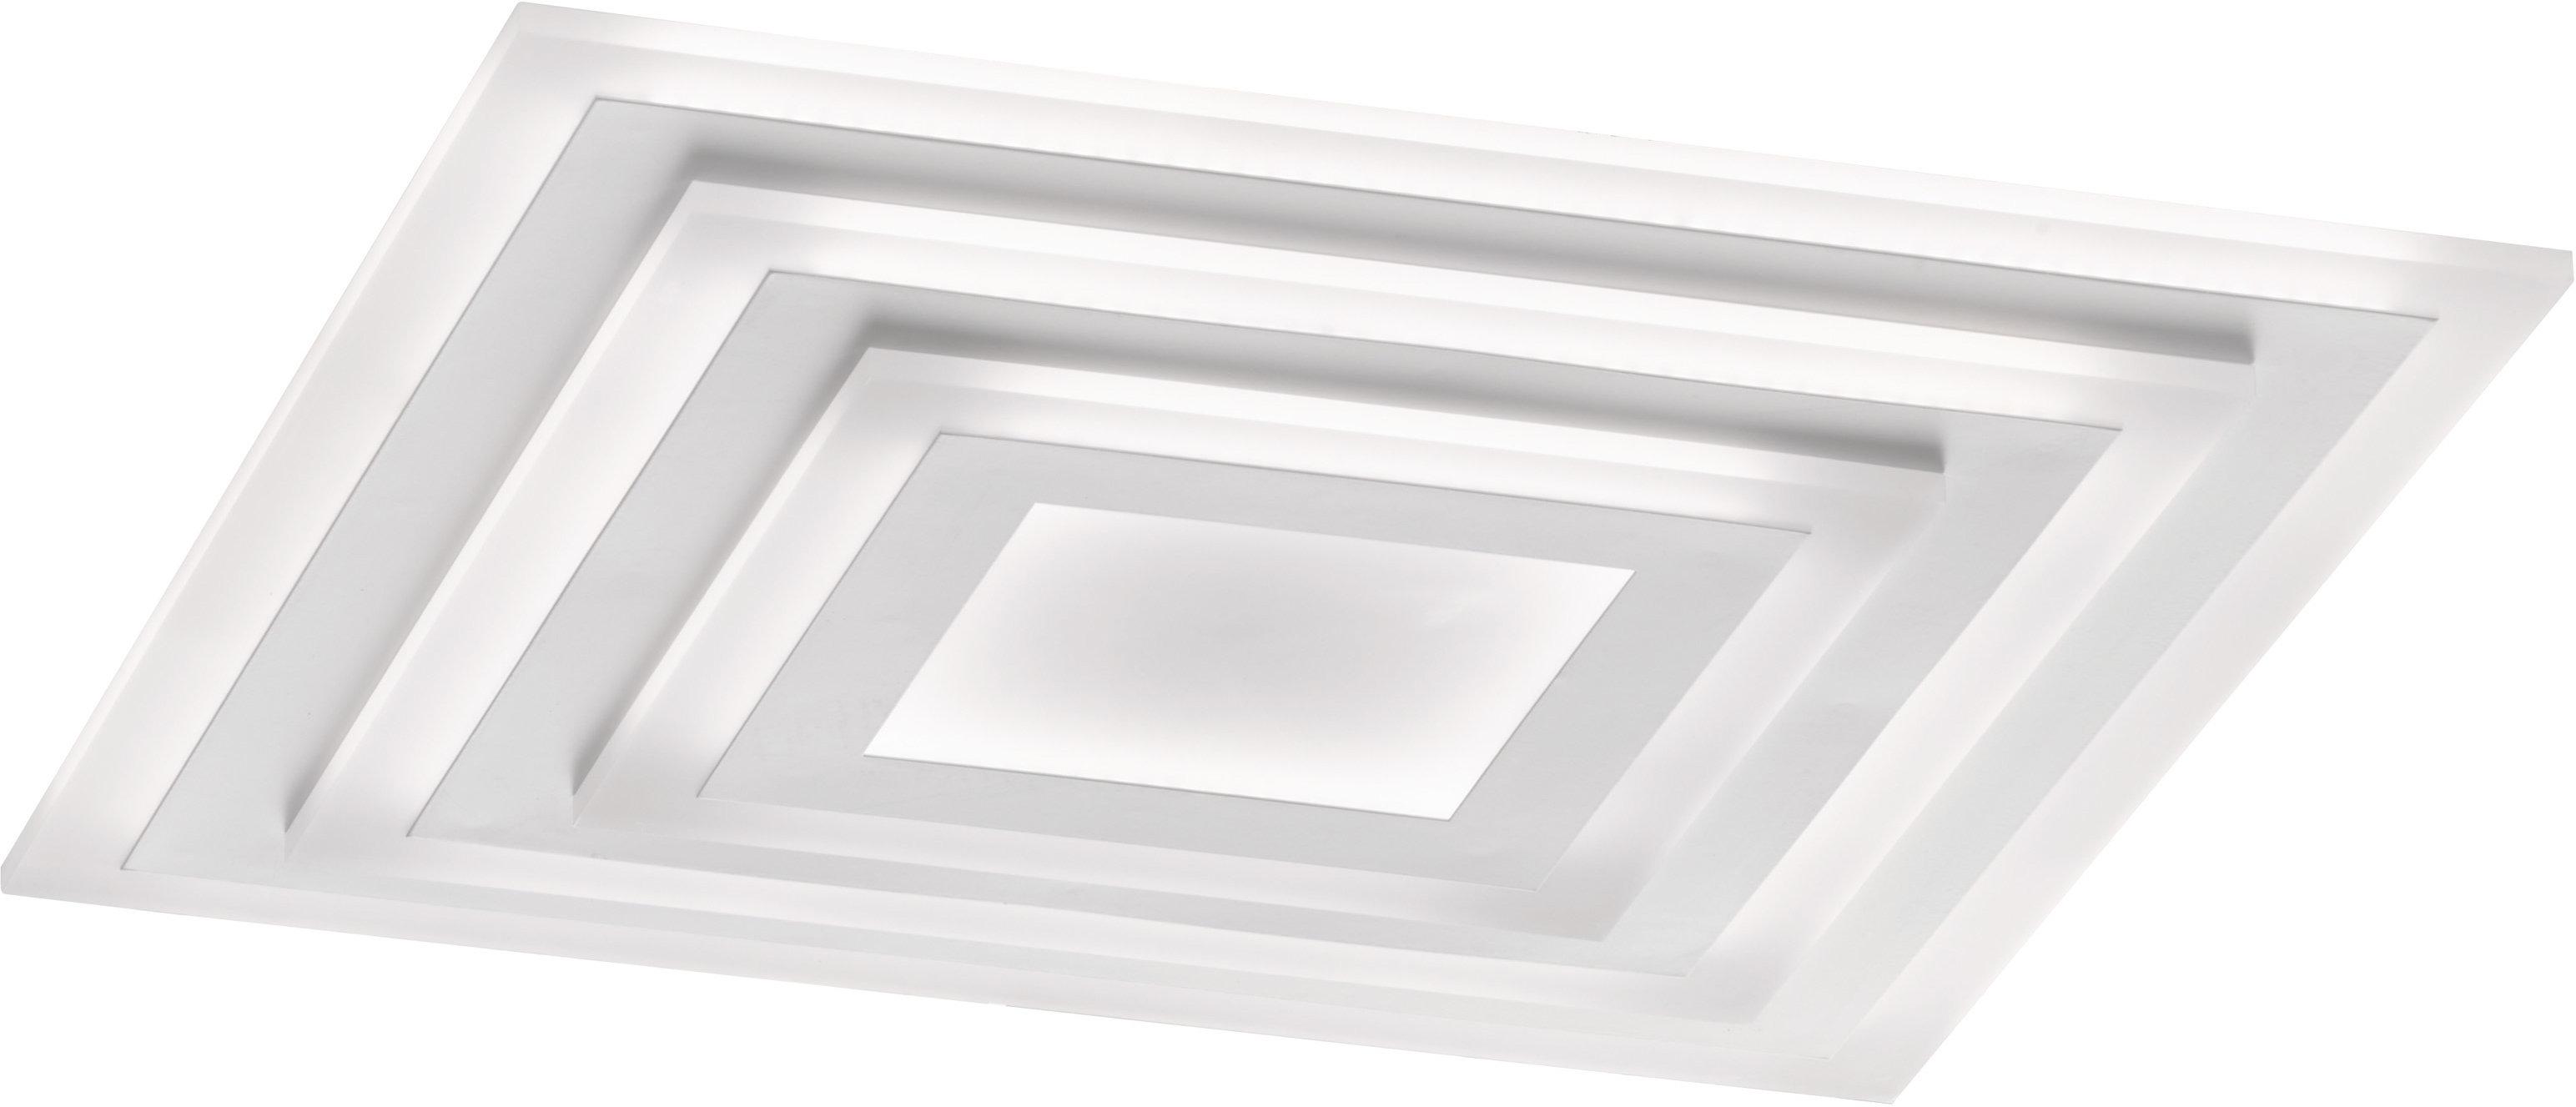 Πλαφονιέρα οροφής FH Gorden plus